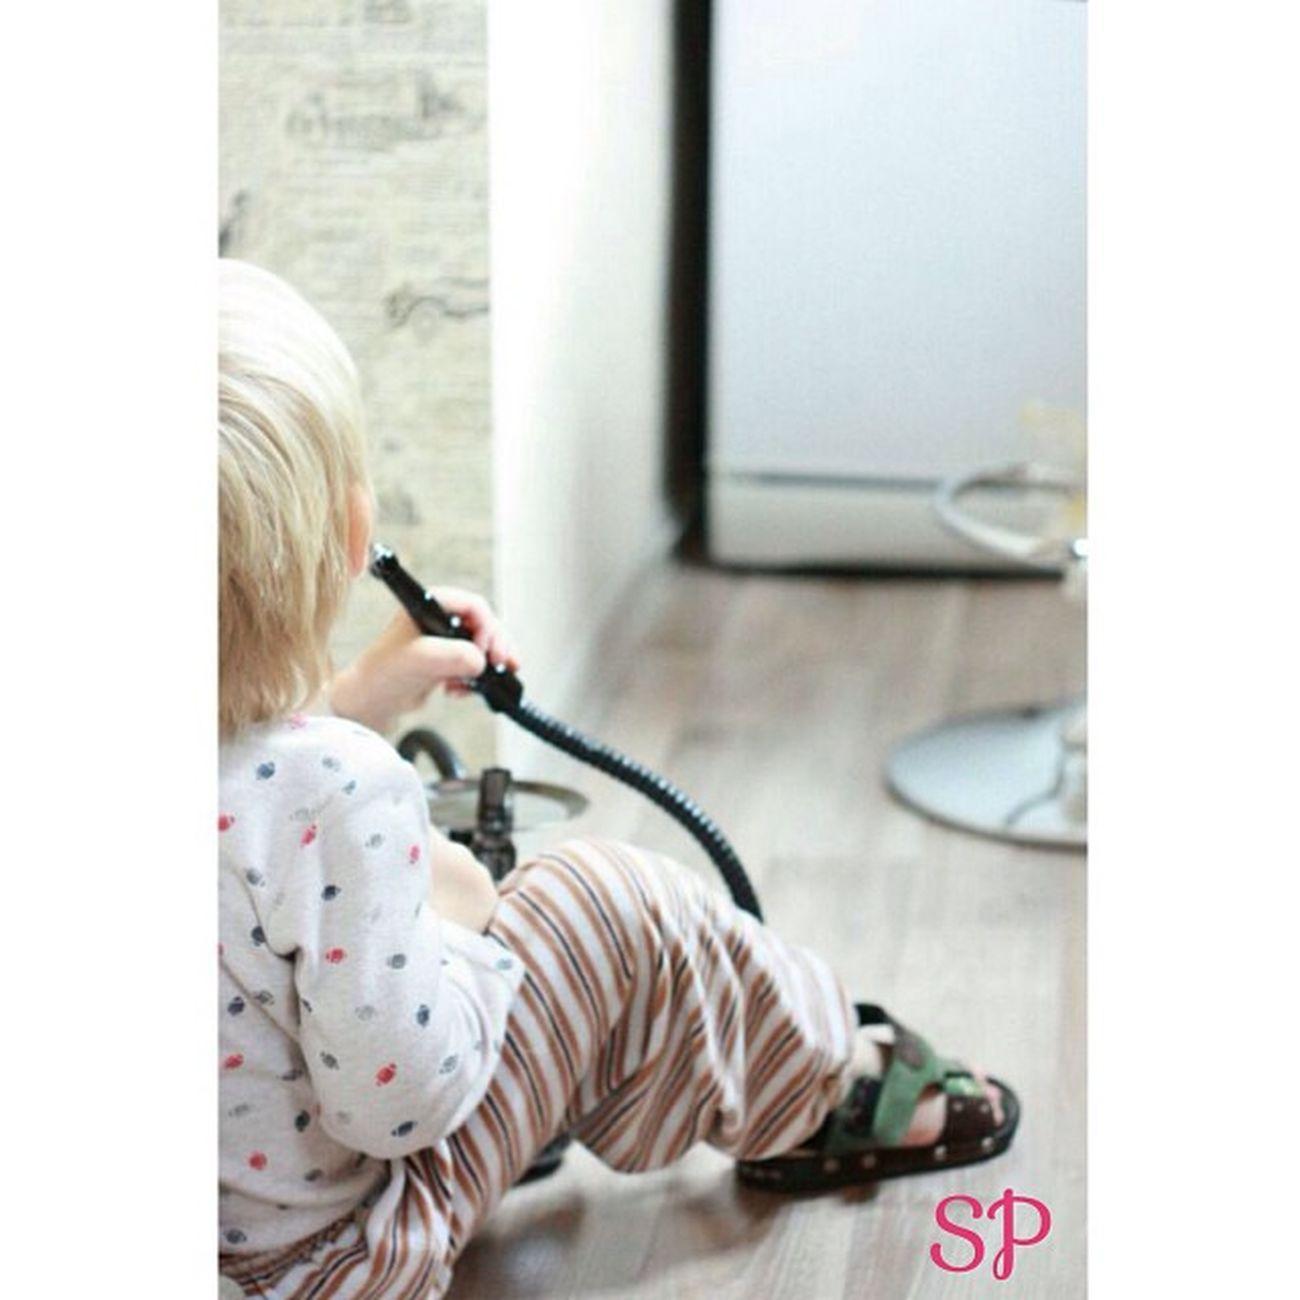 выдалась свободная минутка - можно подумать и о высоком (фото постановочное кальян ребенку не дают!!!)